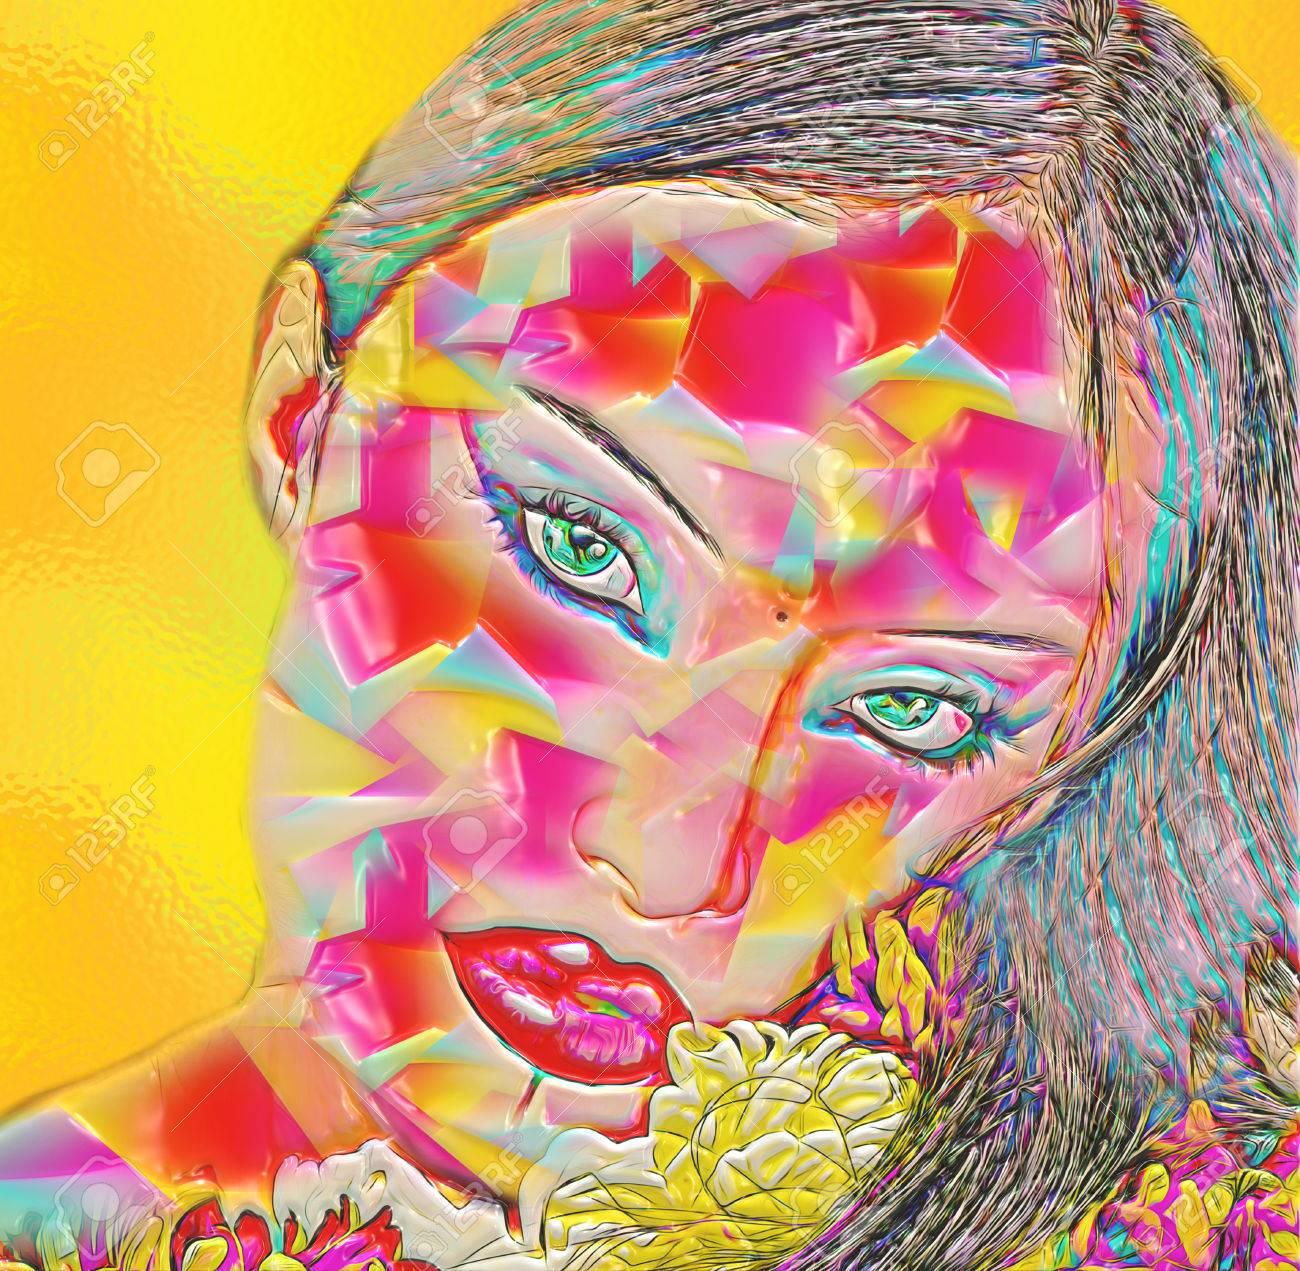 Favoriete Abstracte Digitale Kunst Van Bloemen En Vrouw Gezicht Gecombineerd &UX57